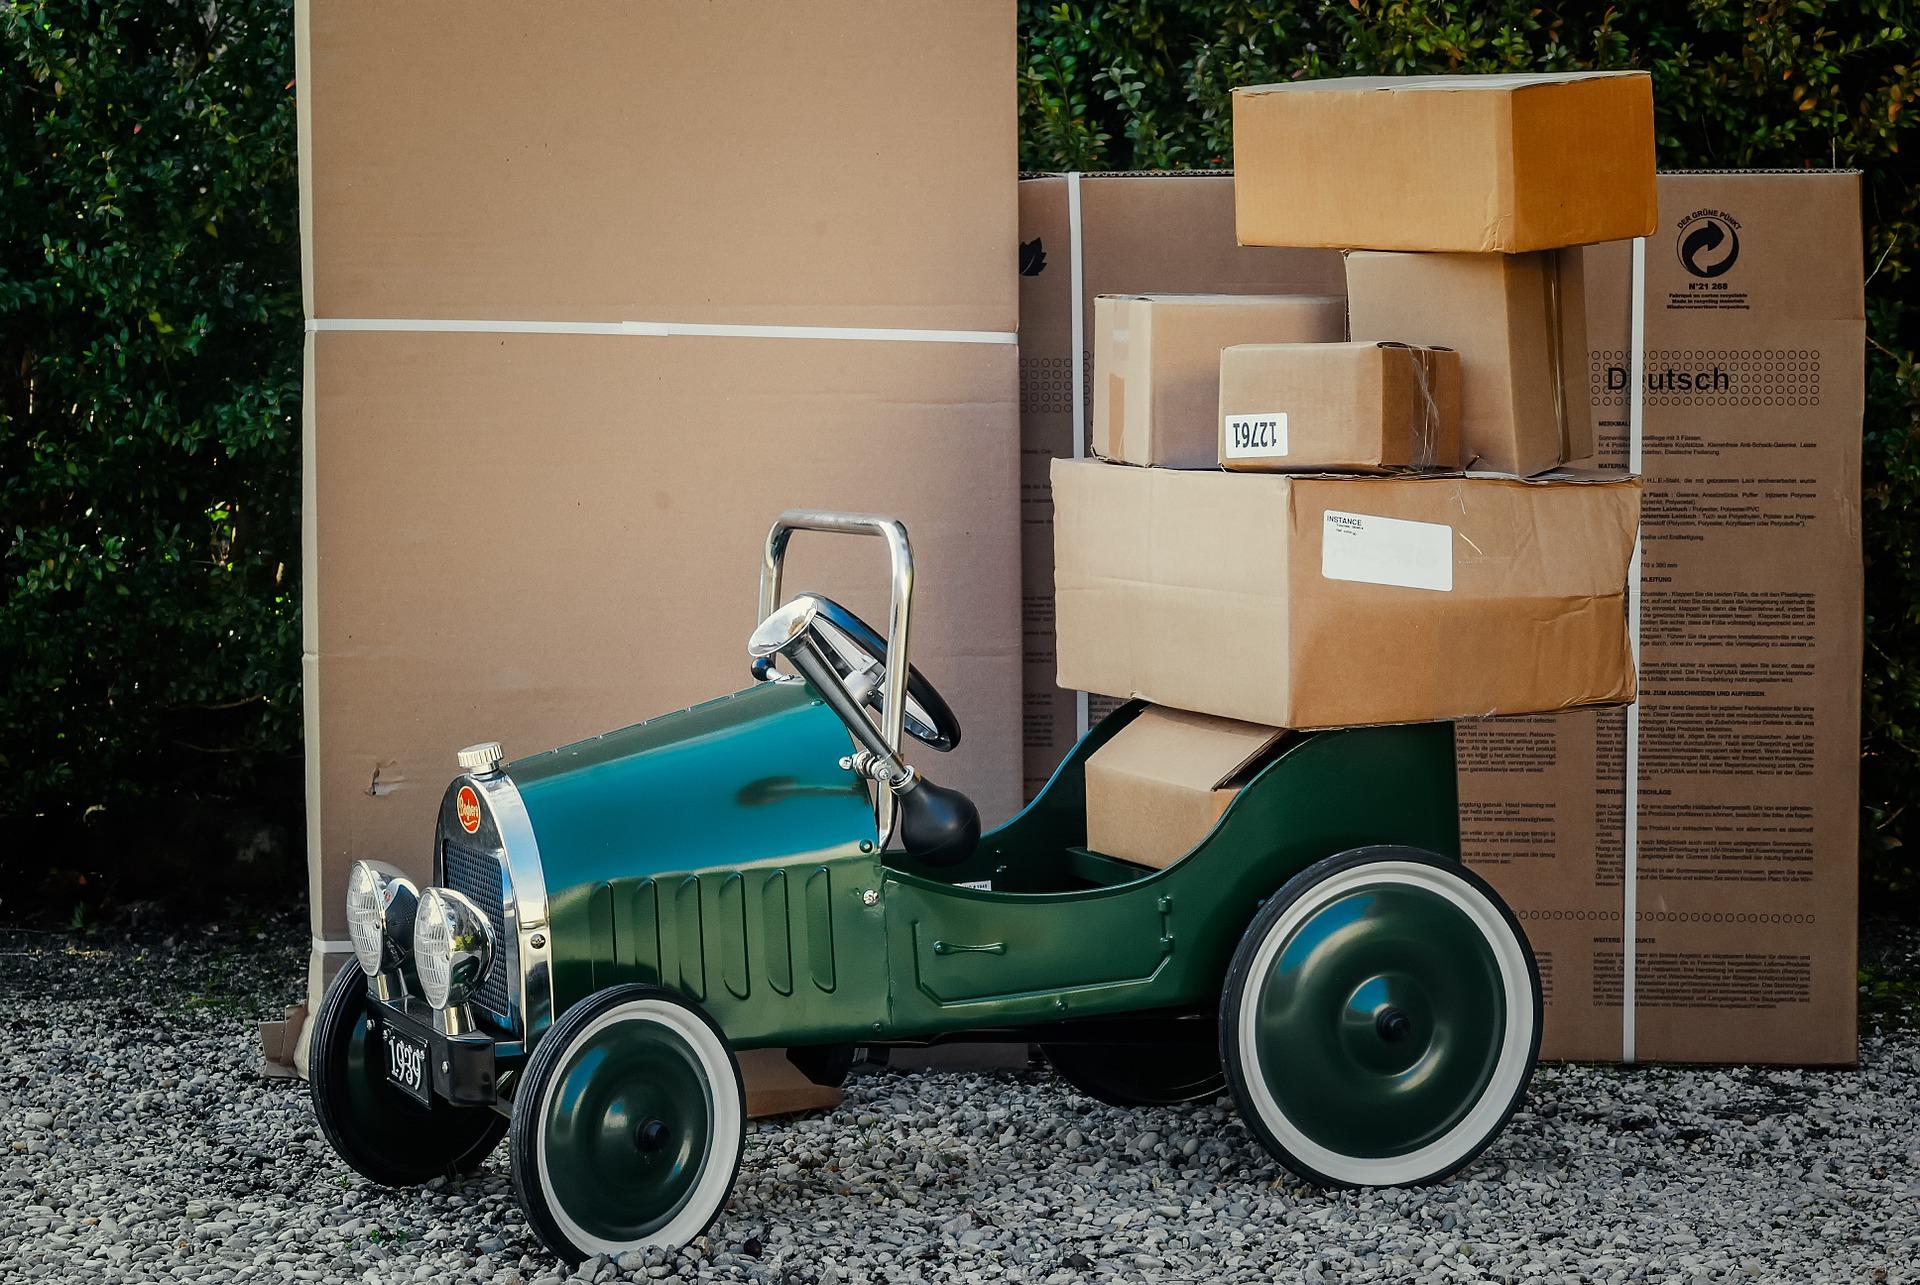 Pakowanie przesyłki dla kuriera